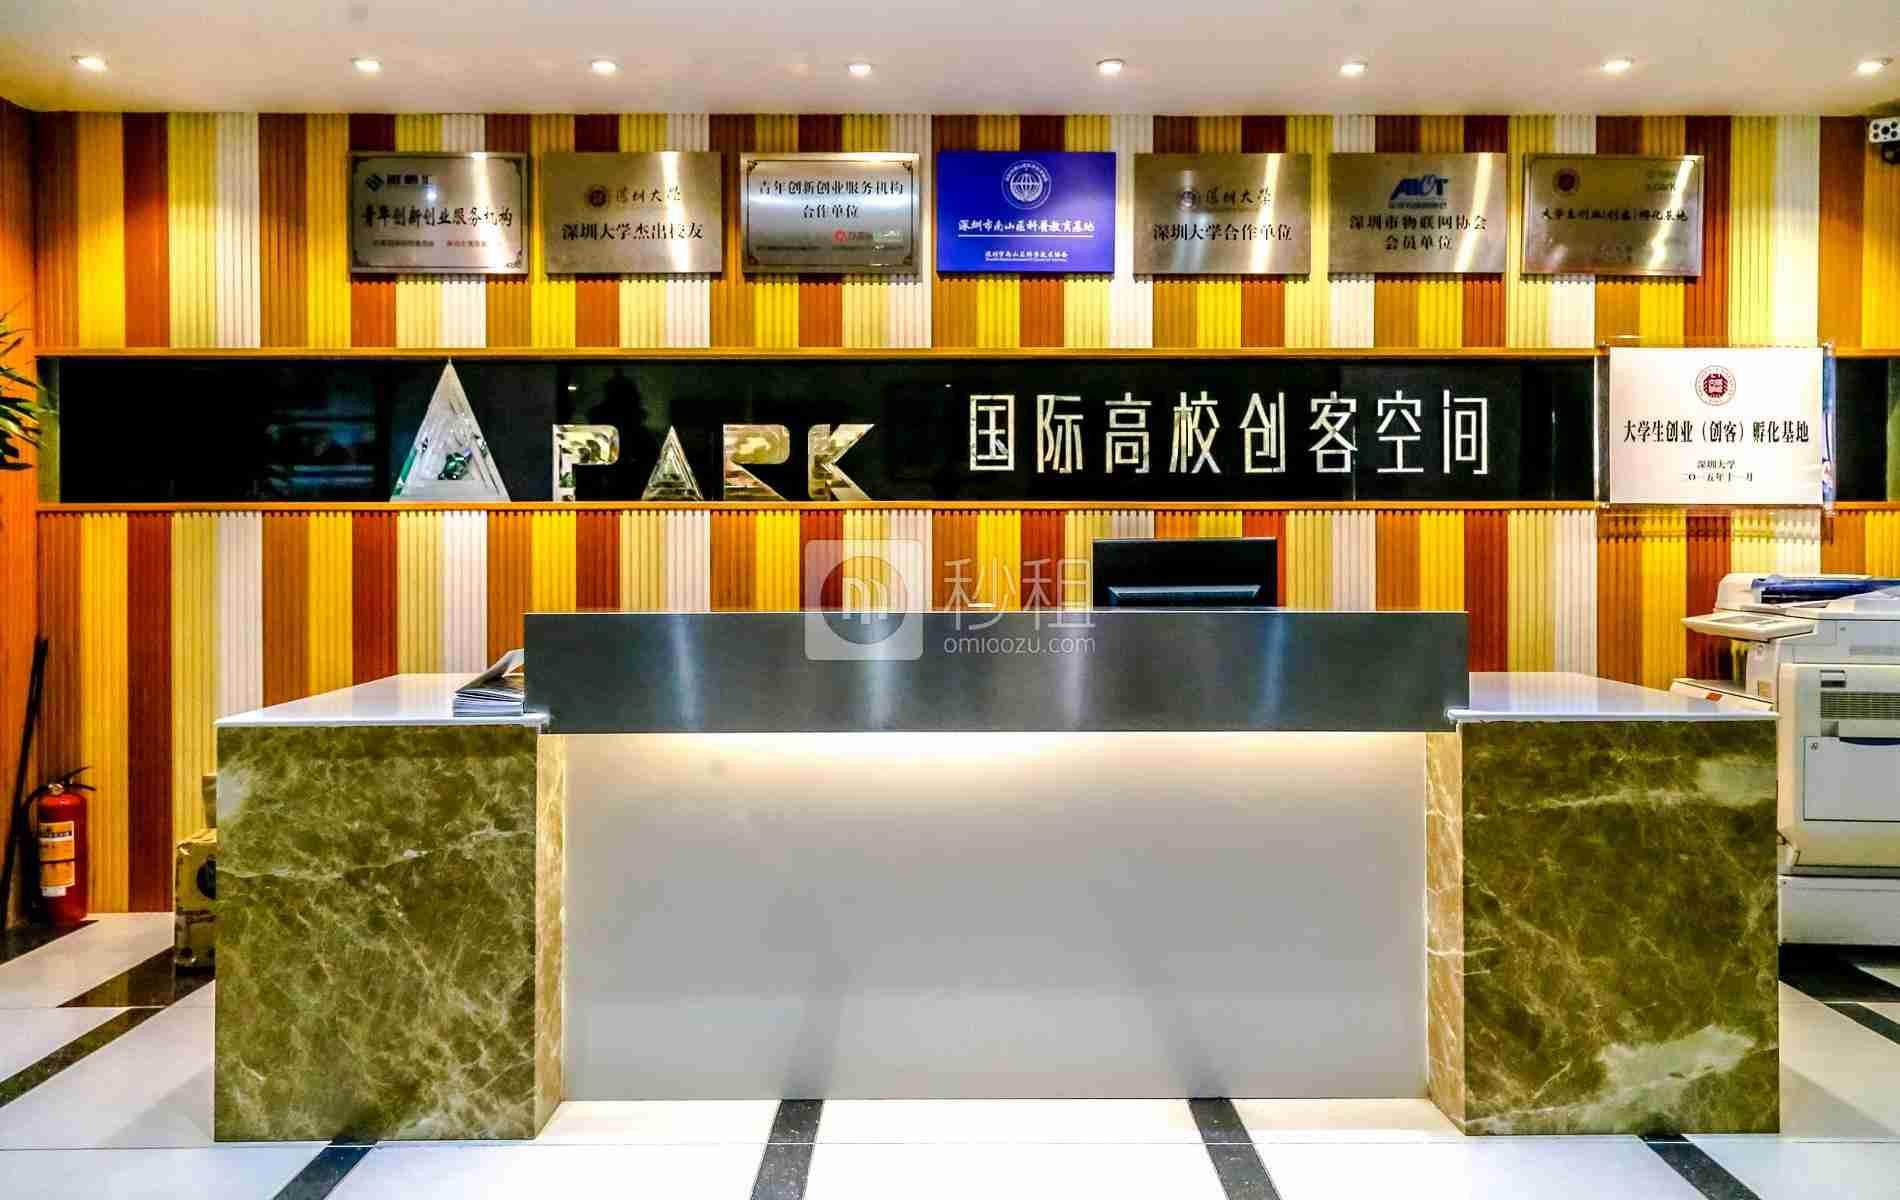 旺棠大厦-A  PARK